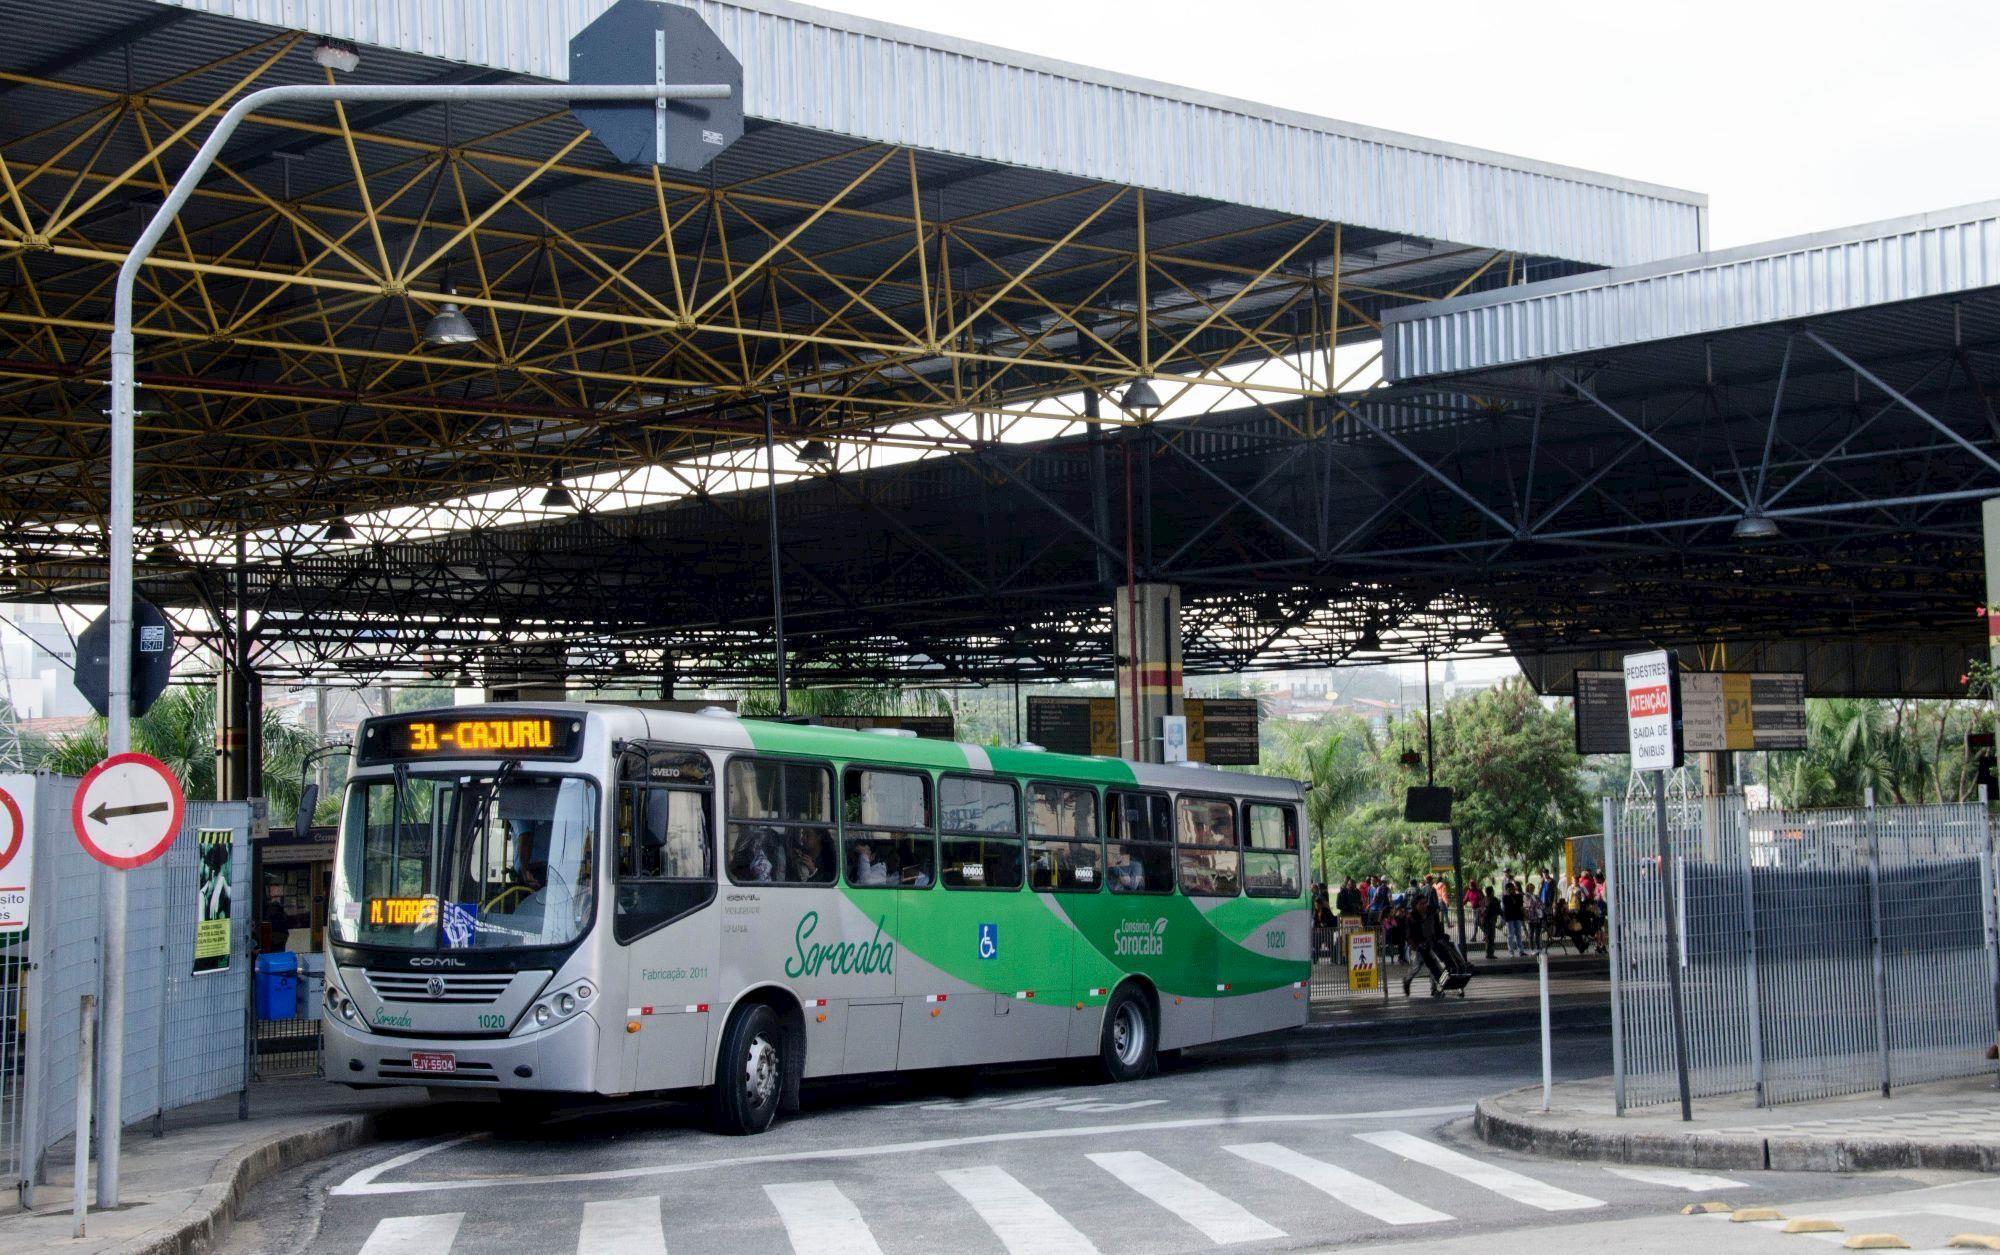 motoristas sorocaba, Foguinho/Imprensa SMetal